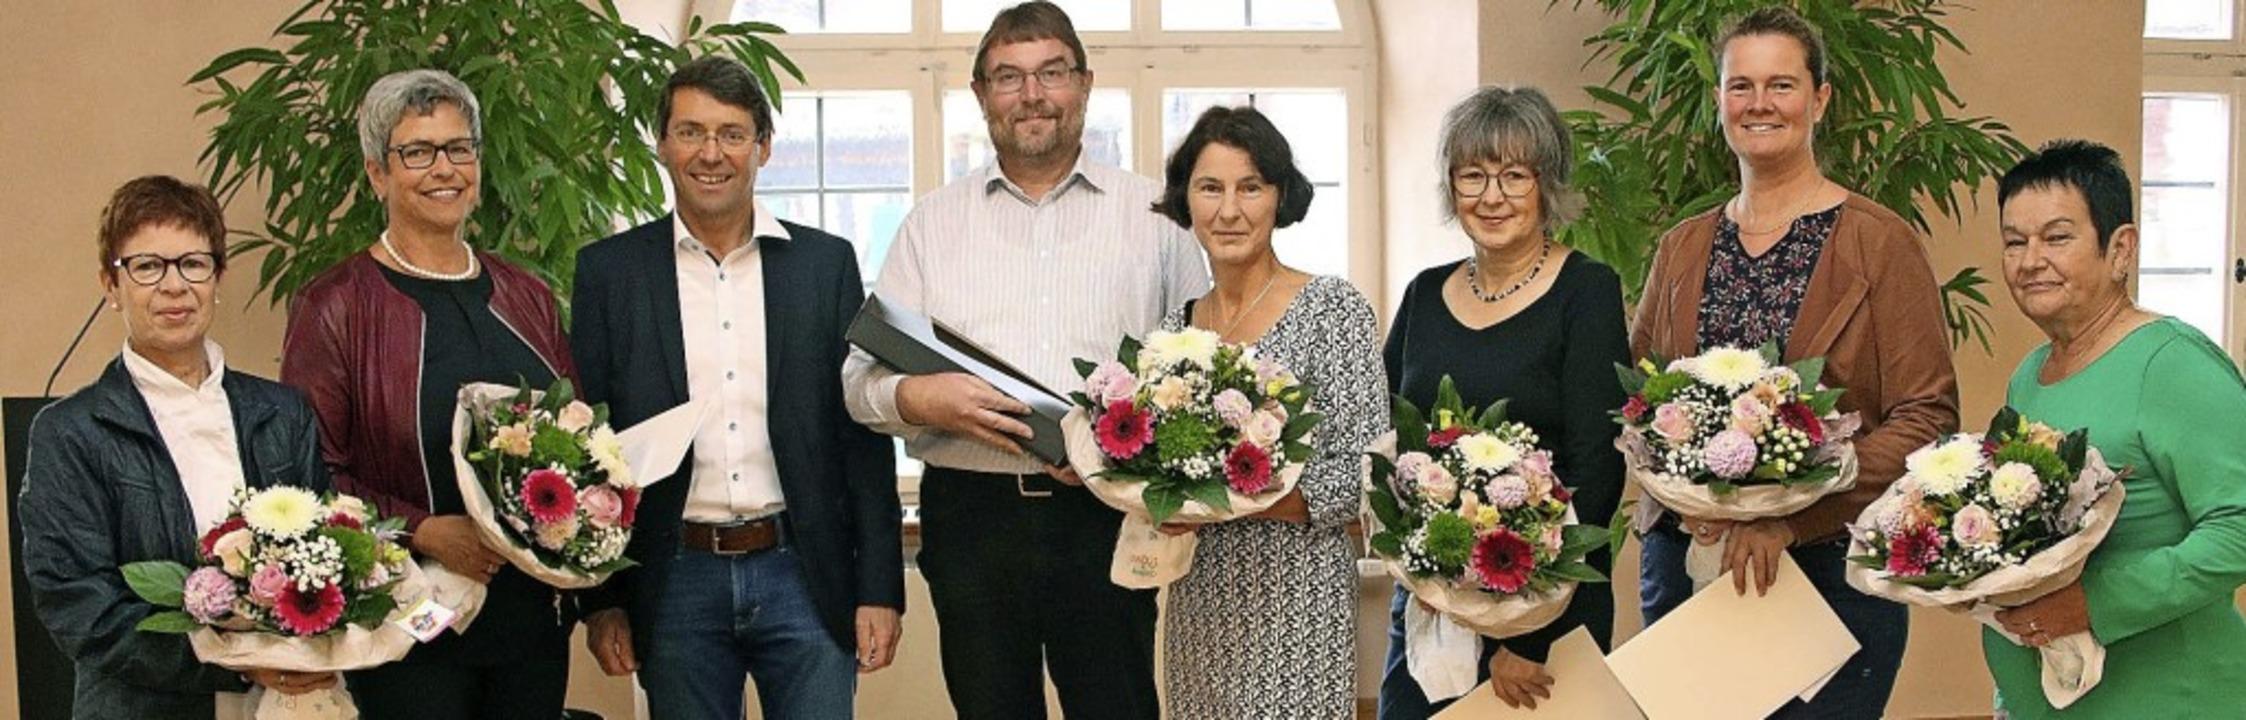 Bürgermeister Bruno Metz (Dritter von ...tephanie Scherer und Barbara Siegmund.  | Foto: Ulrike Hiller